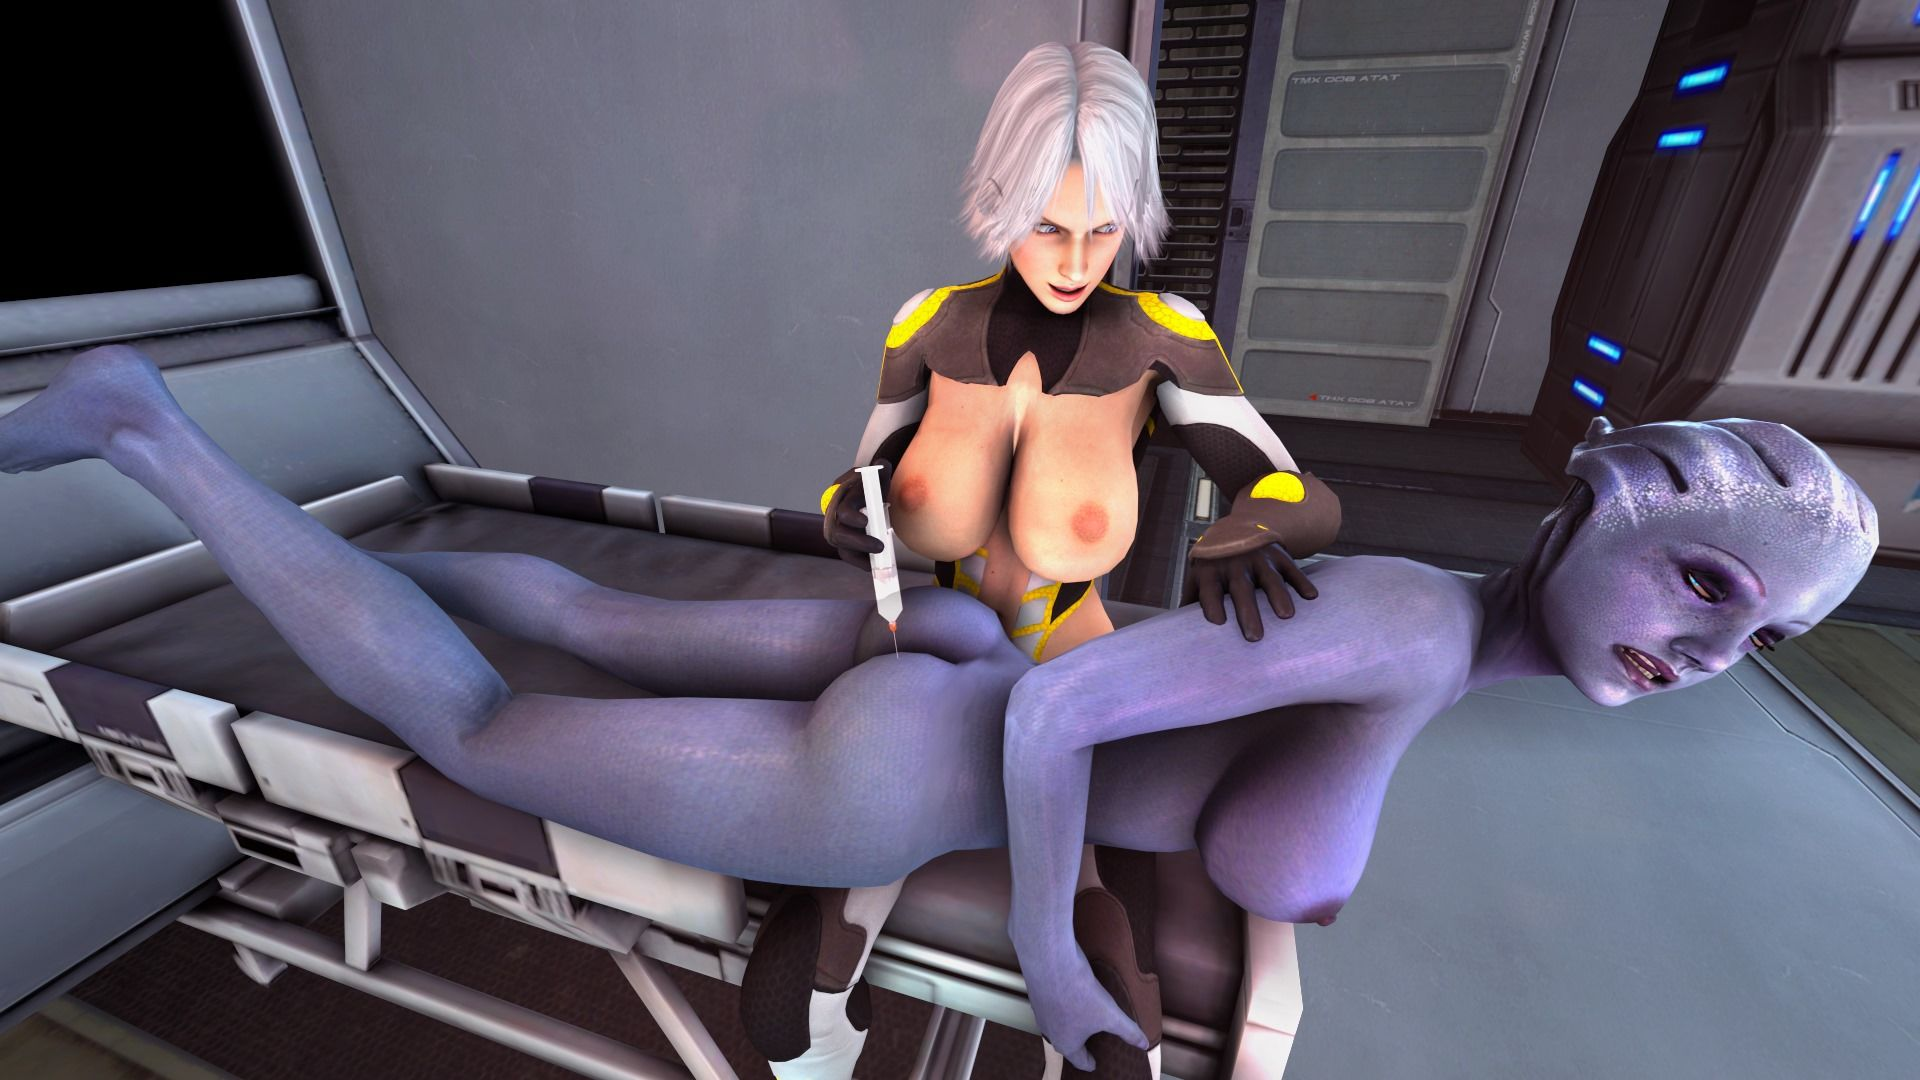 Liara_X-Mass_Gifts!_Ladychi_(Mass_Effect) comix_58066.jpg